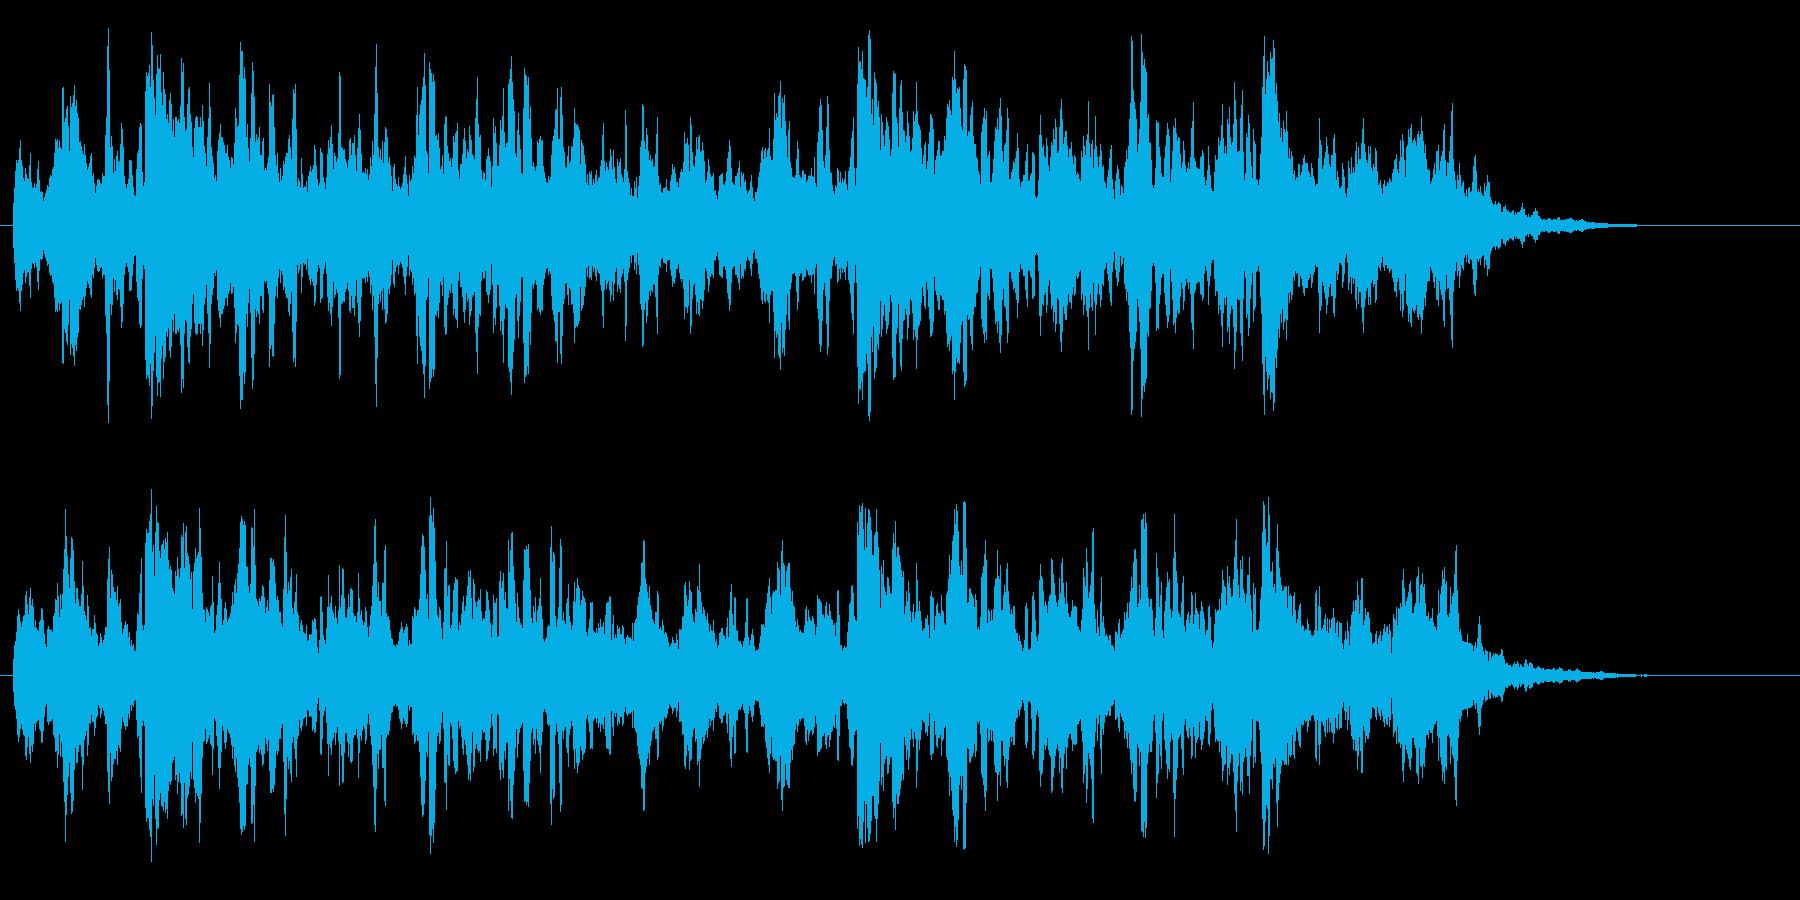 ムーディーなクリーン・ギターAORの再生済みの波形